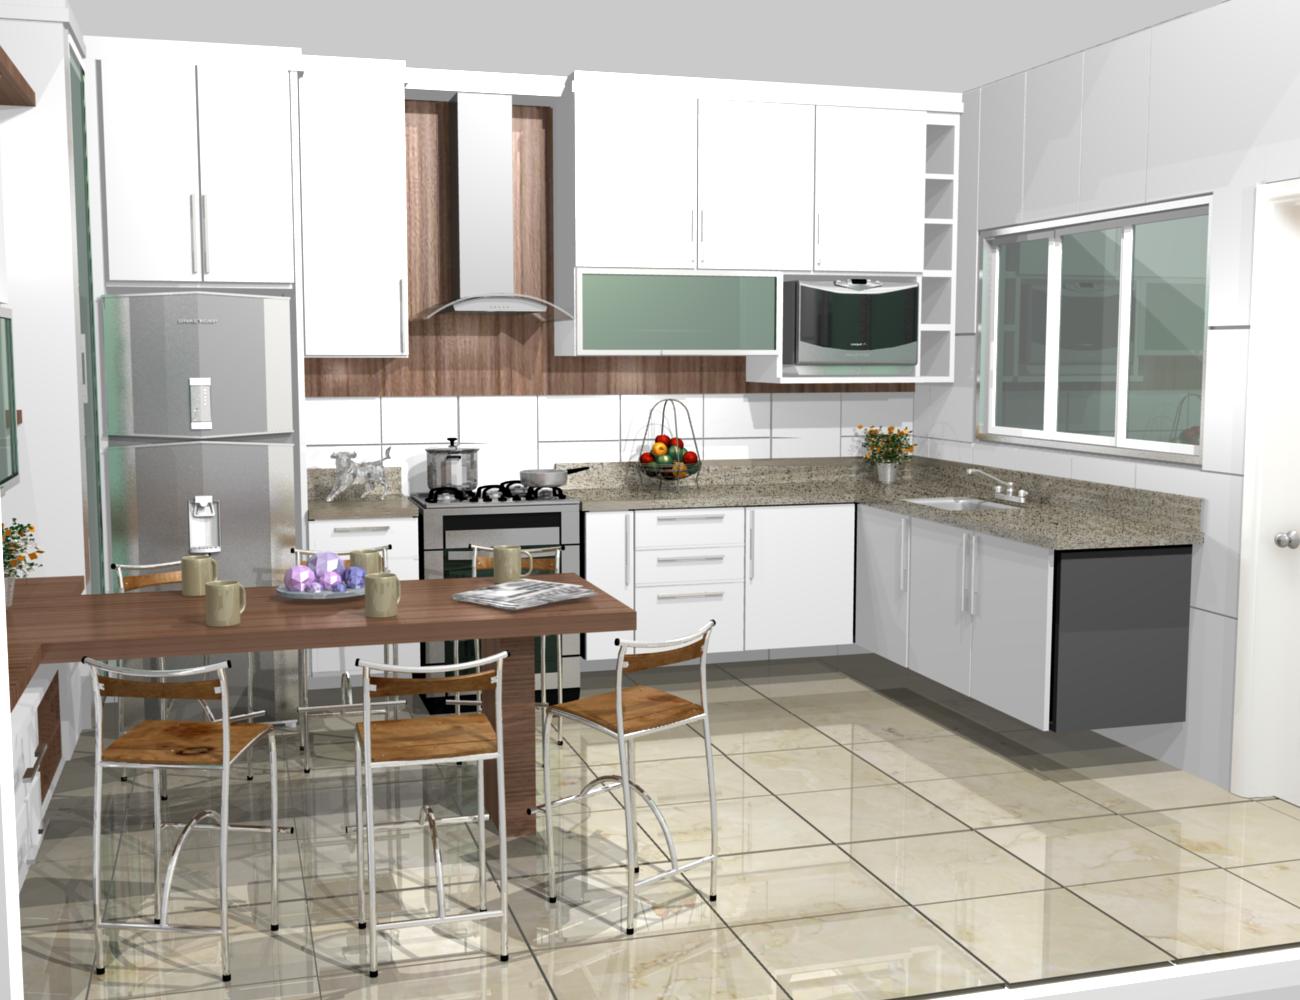 Cozinhas de design simples e moderno Cozinhas Modernas HD  #654C3B 1300 1000